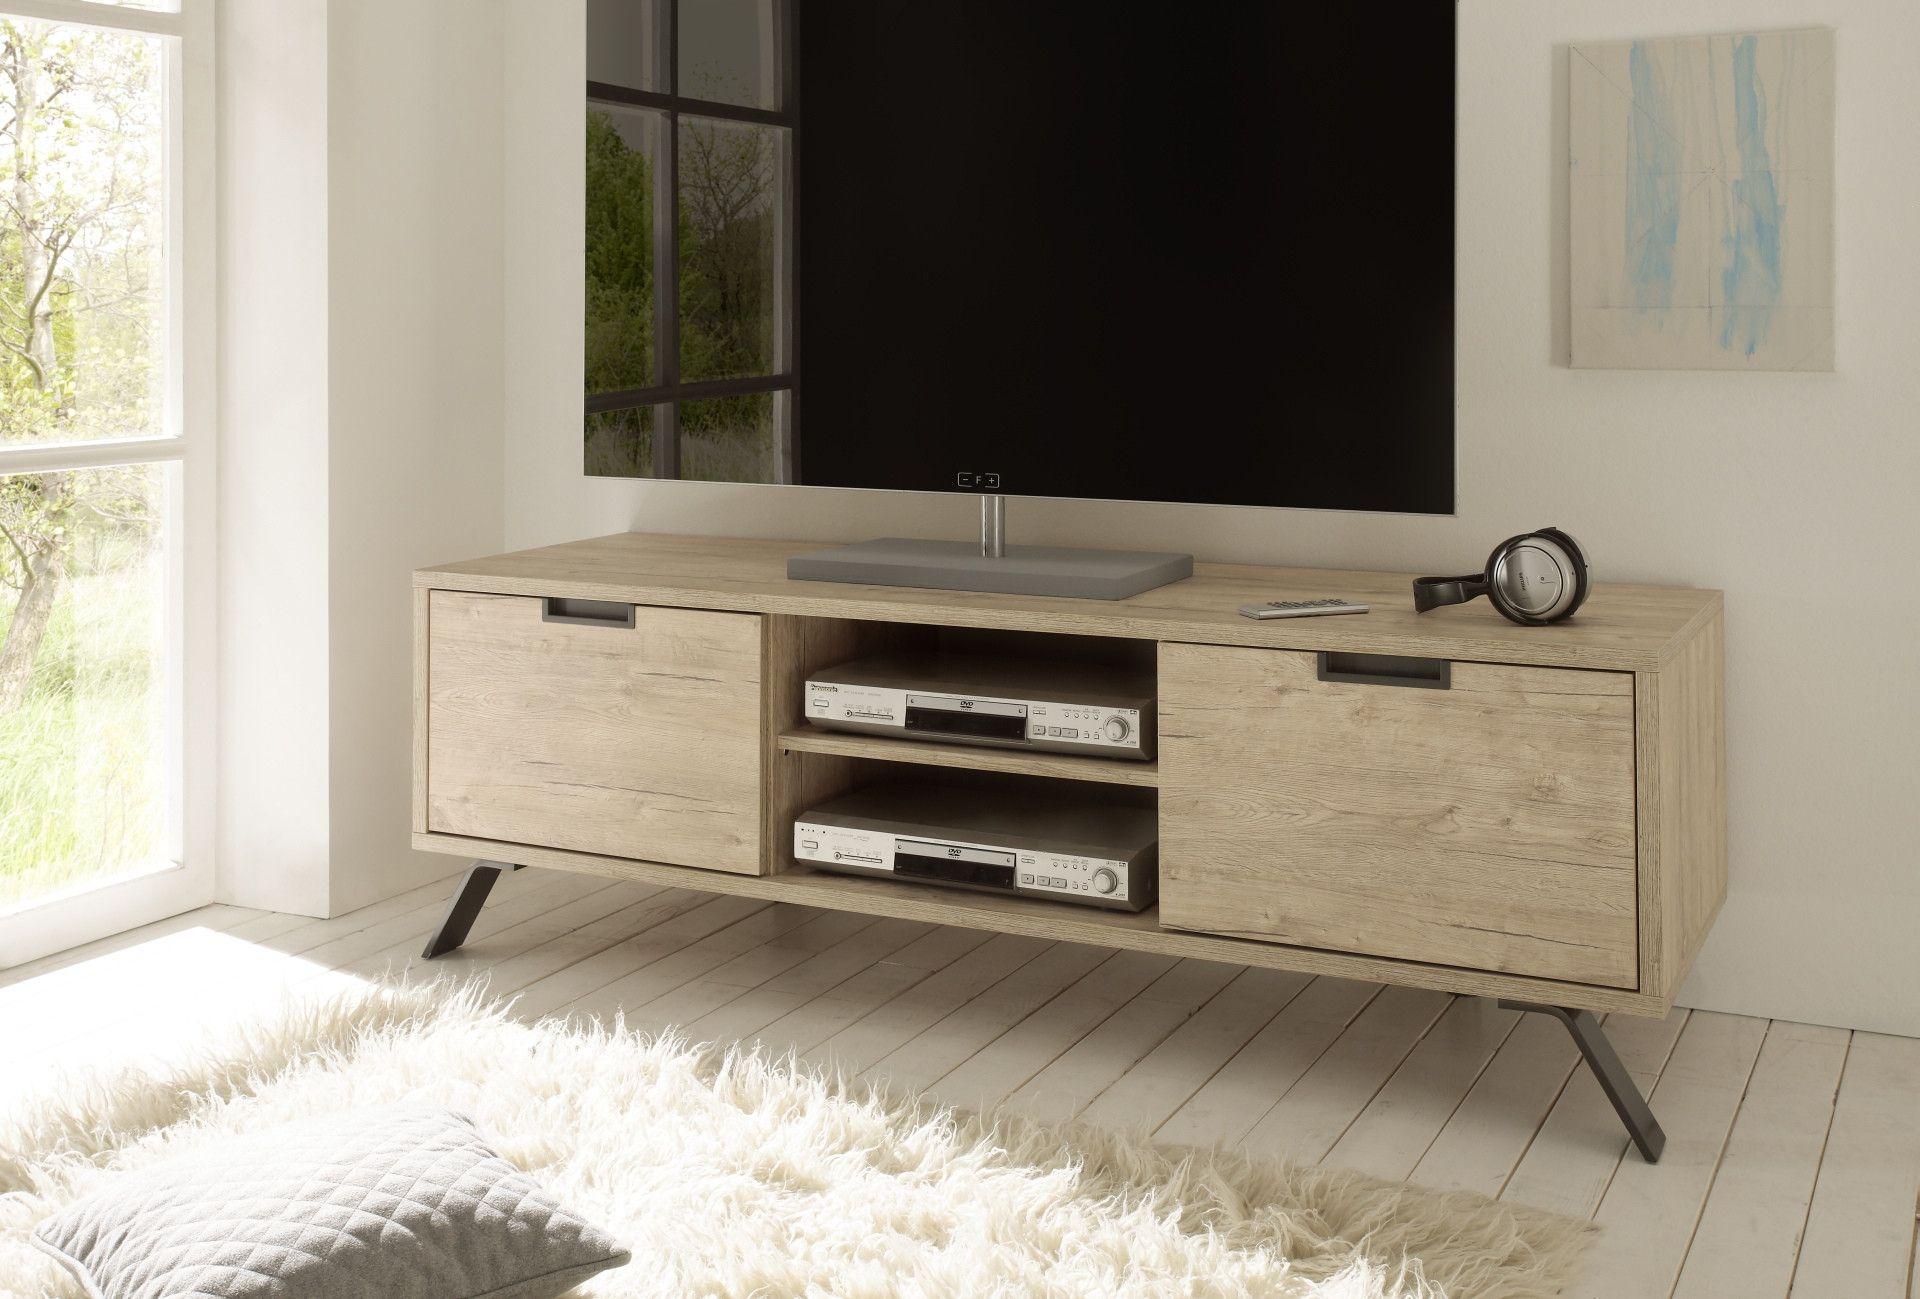 Banc Tv Bois Clair Scandinave Stockholm Meuble Tv Design Mobilier De Salon Meuble